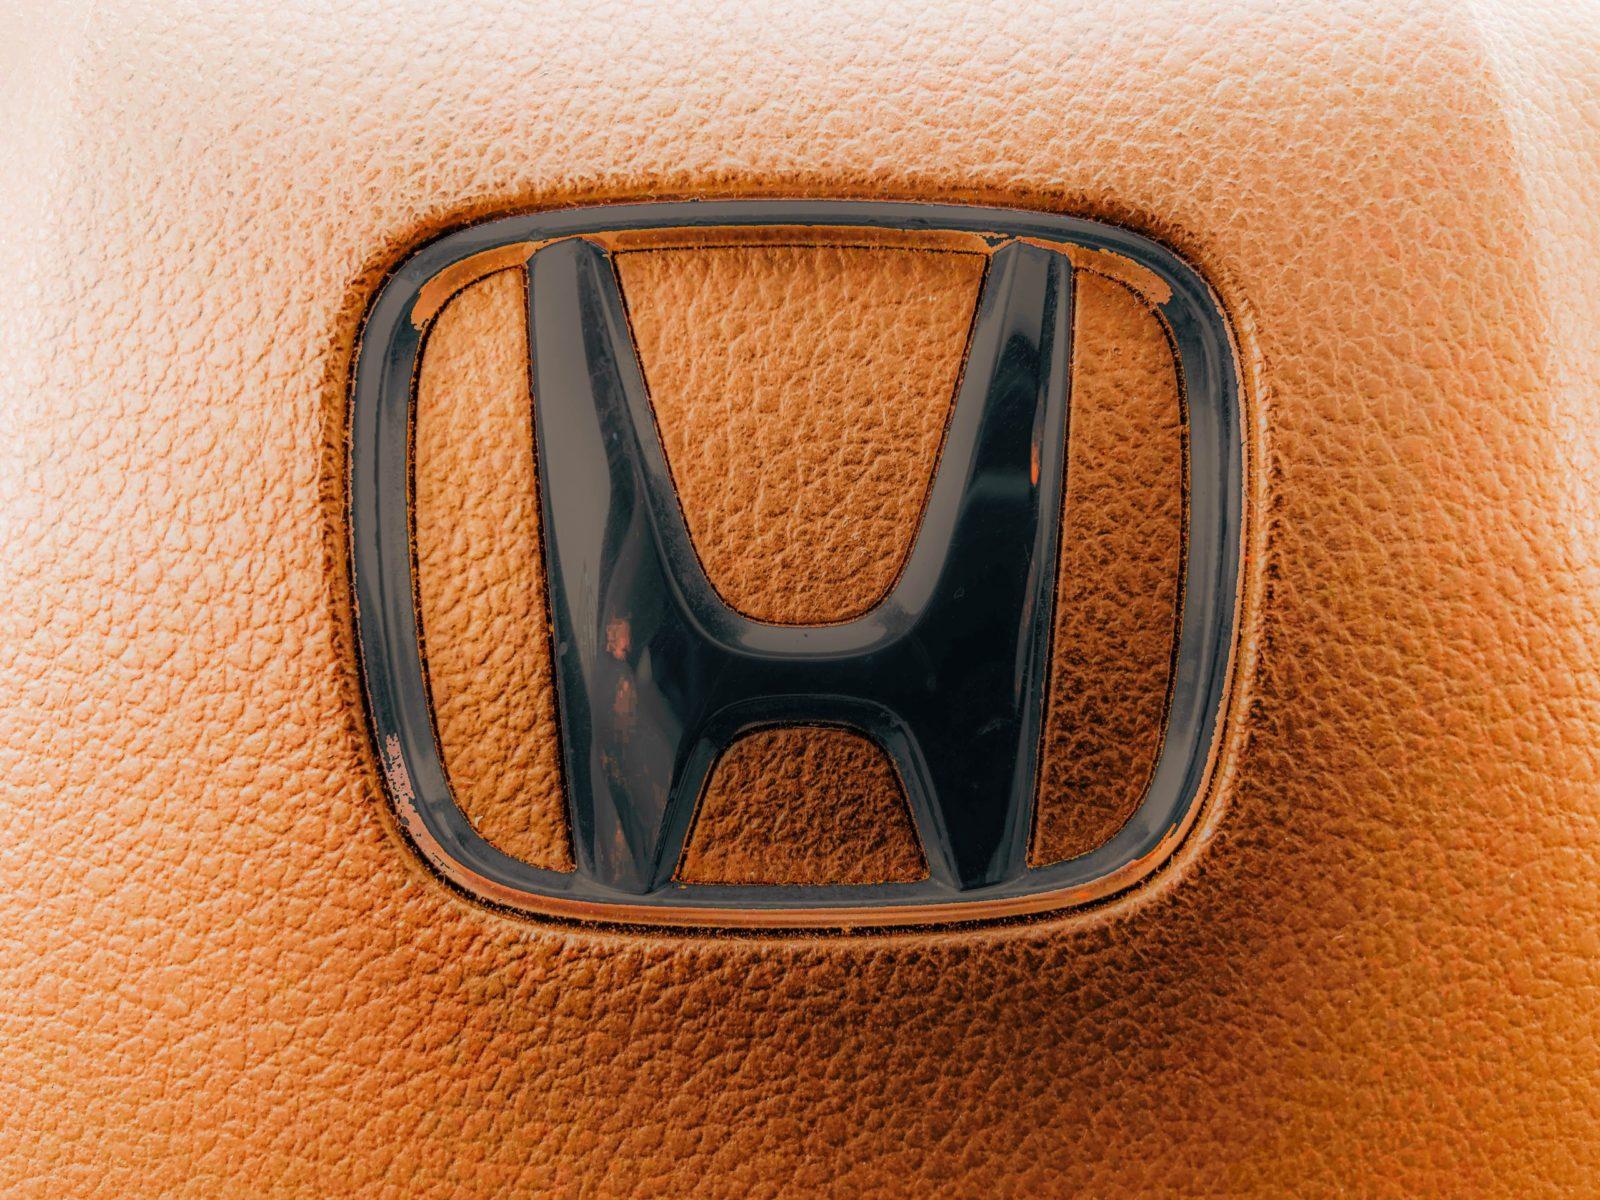 Ремонт и ТО Honda в Санкт-Петербурге honda-to.ru